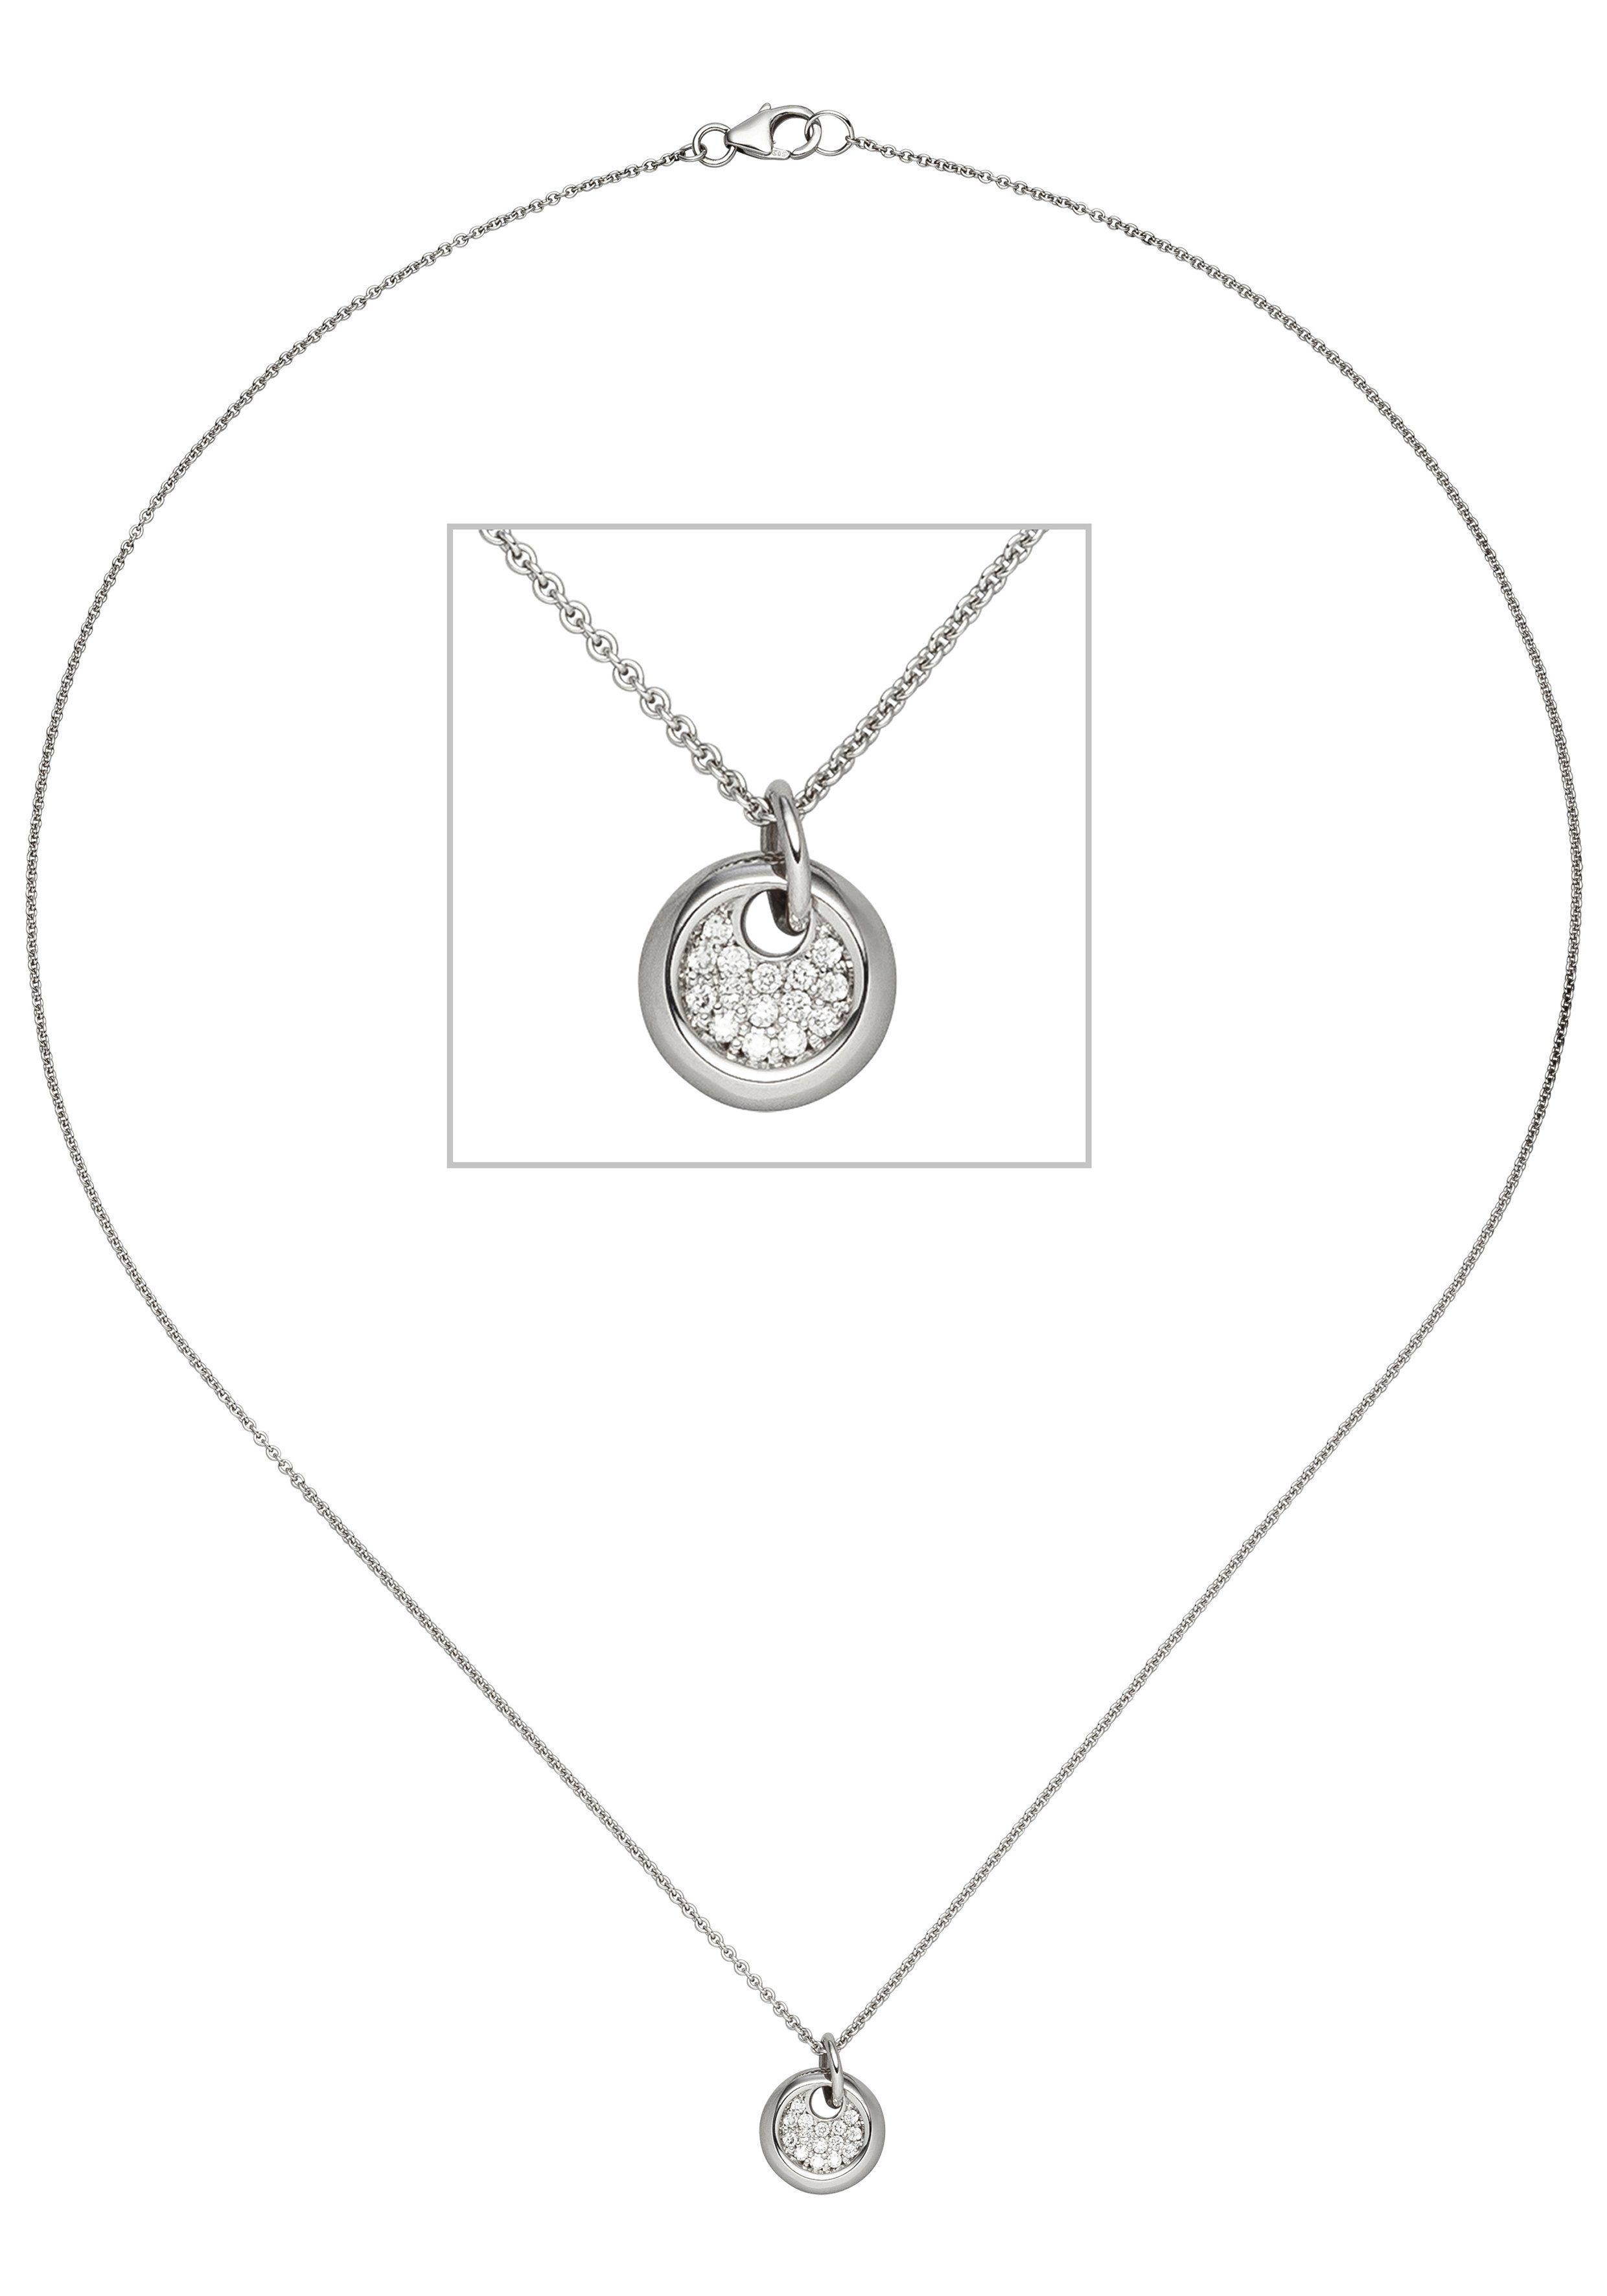 Weißgold Diamanten Online Kaufen Jobo Mit 585 15 Kette Cm Anhänger 43 F1culKJT3